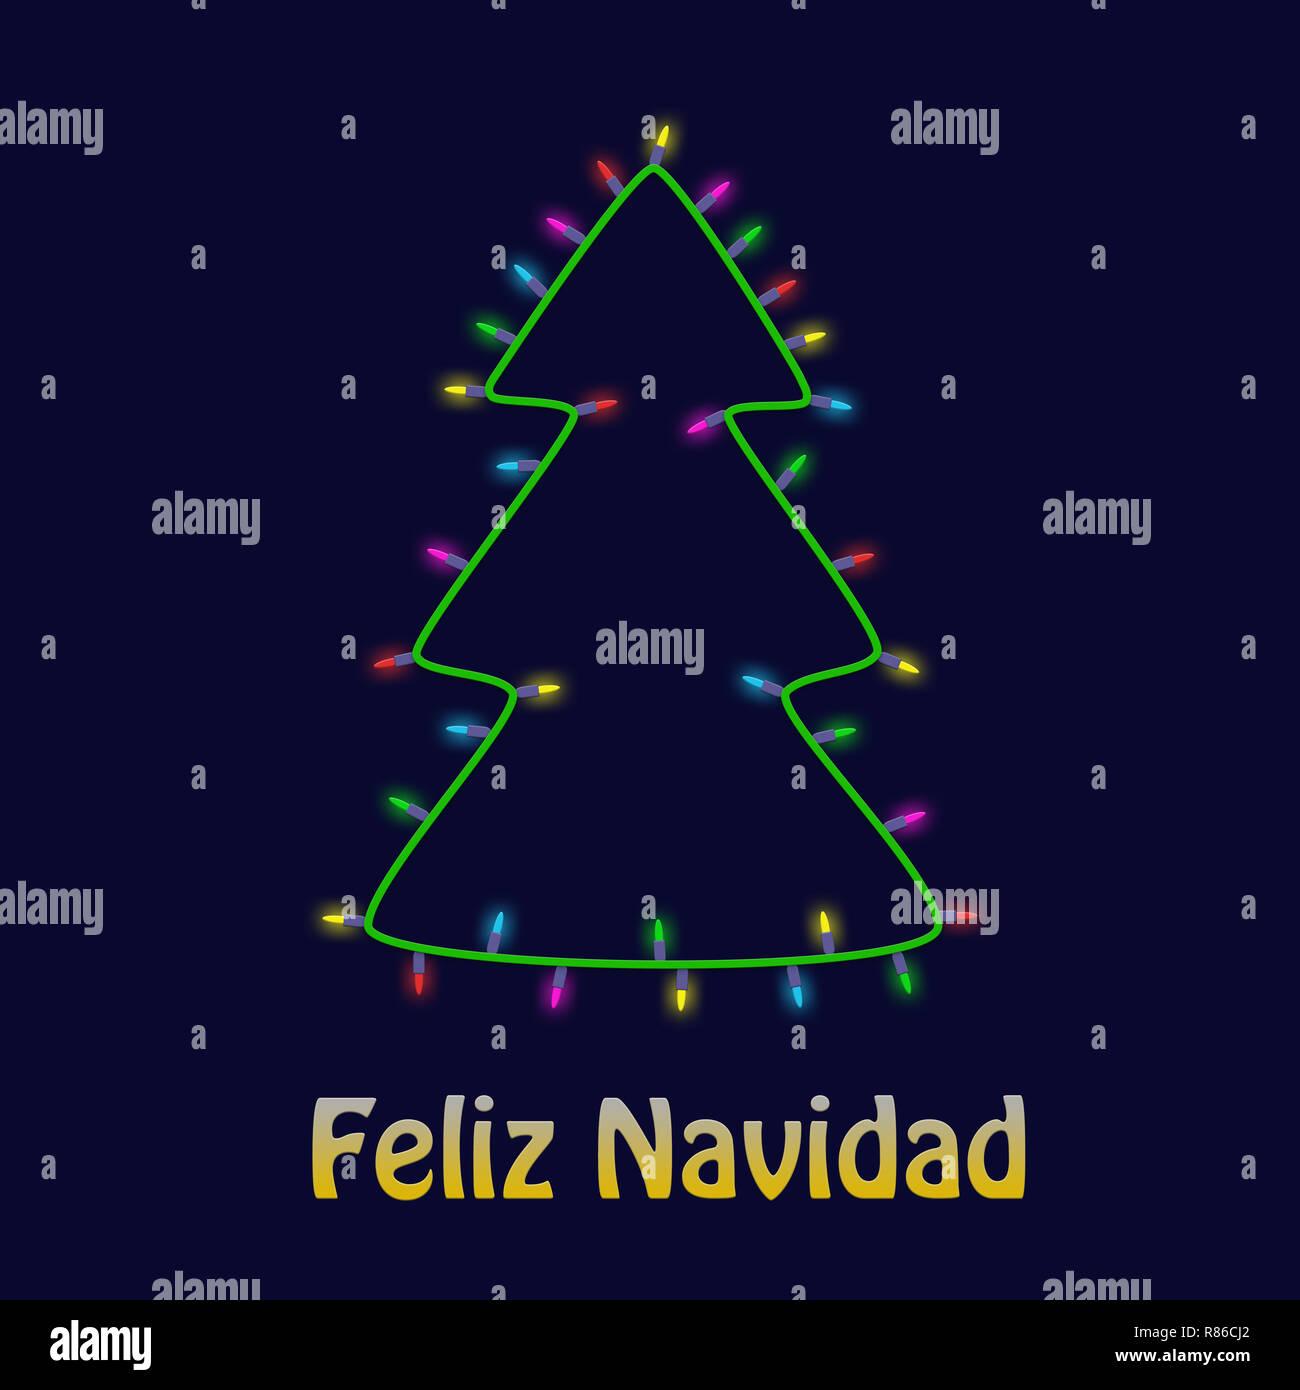 Colorido árbol de Navidad de bombilla garland tarjeta de felicitación de Año nuevo fondo. Feliz Navidad. Imagen De Stock